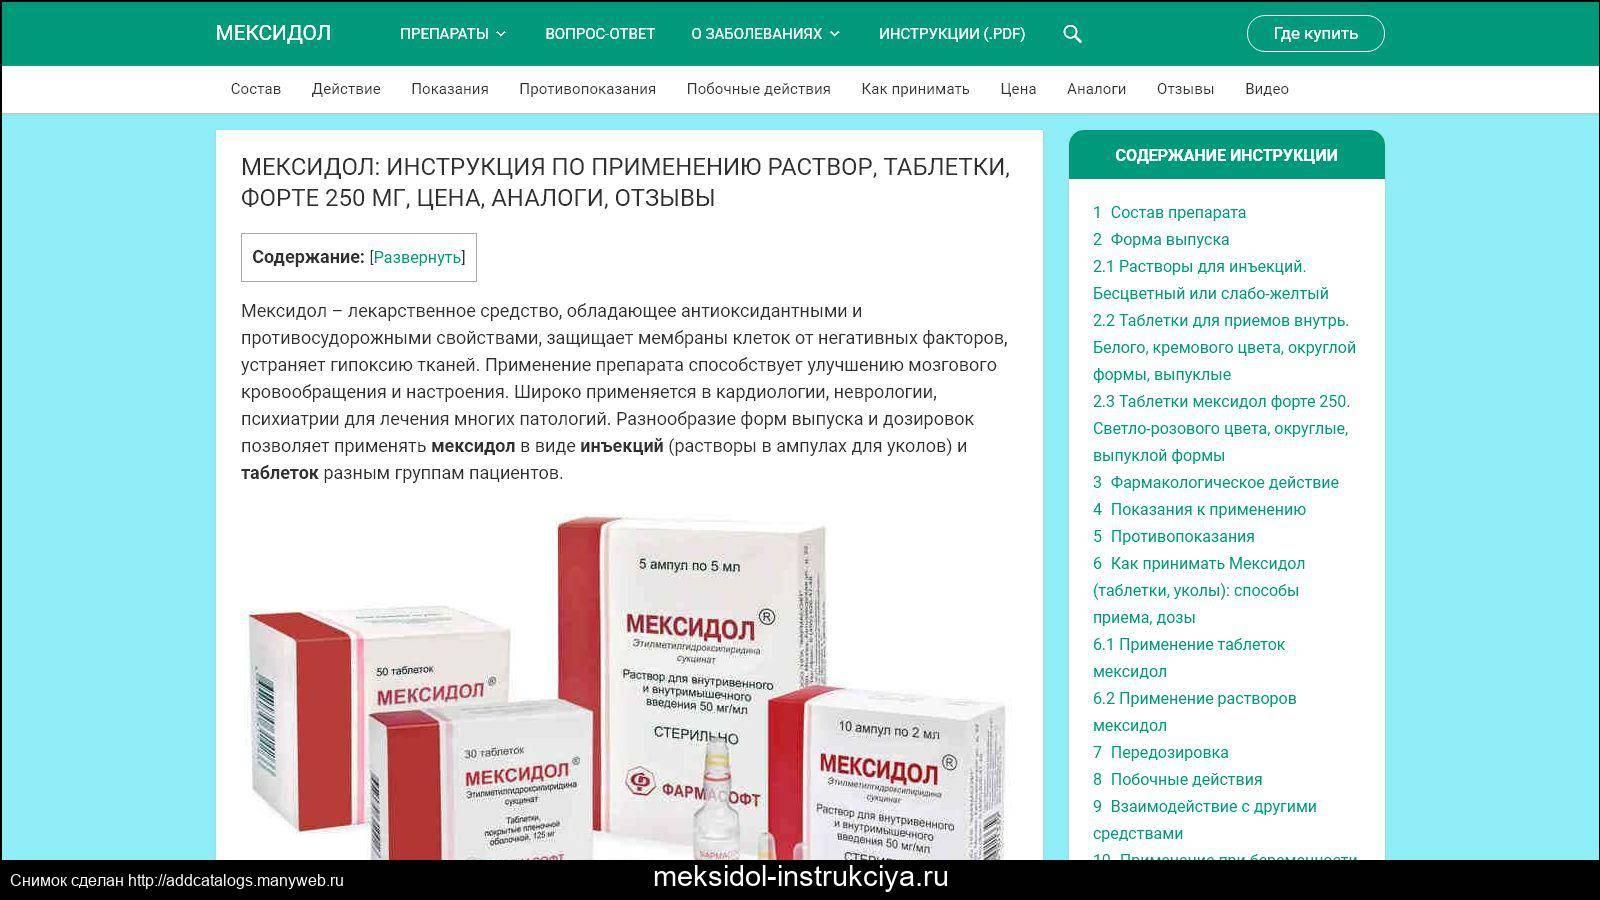 Мексидол вет инъекции инструкция по применению